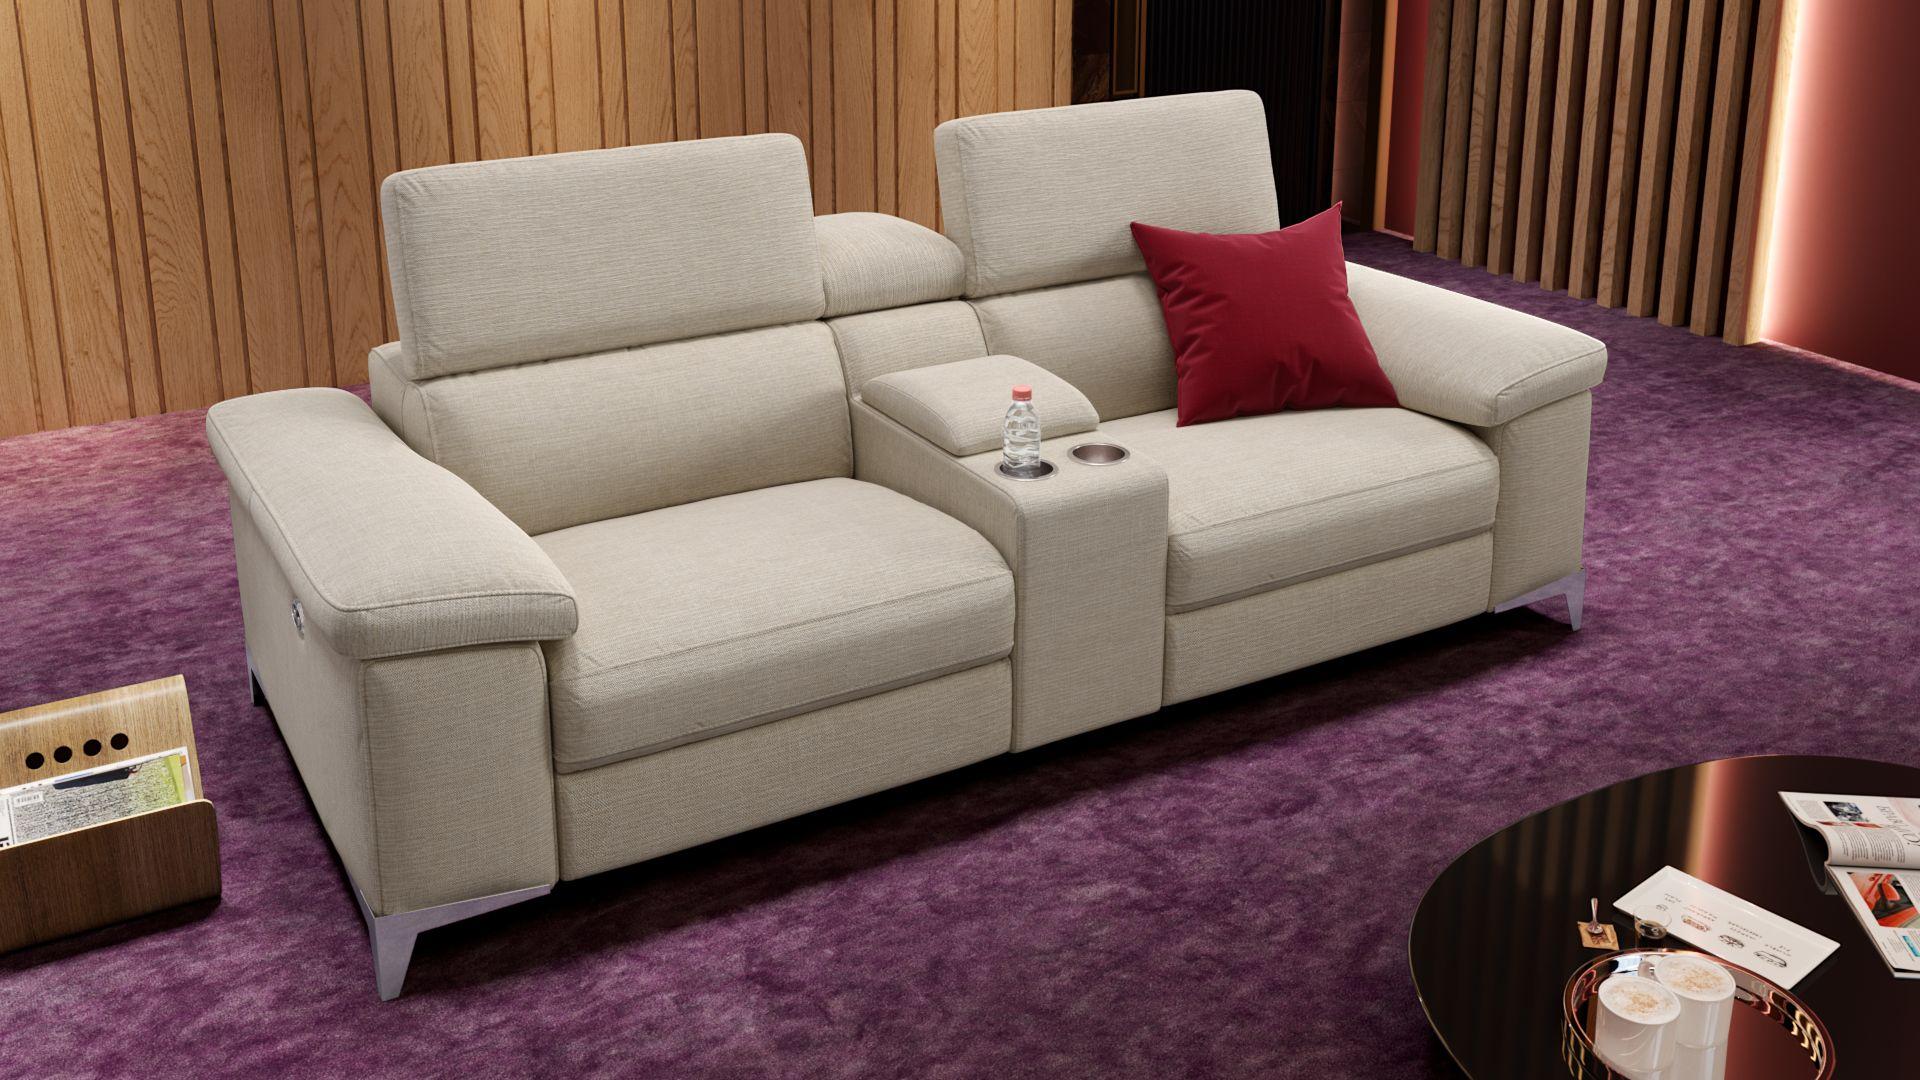 Stoff 2-Sitzer Kinosofa mit einer Mittelkonsole VENOSA